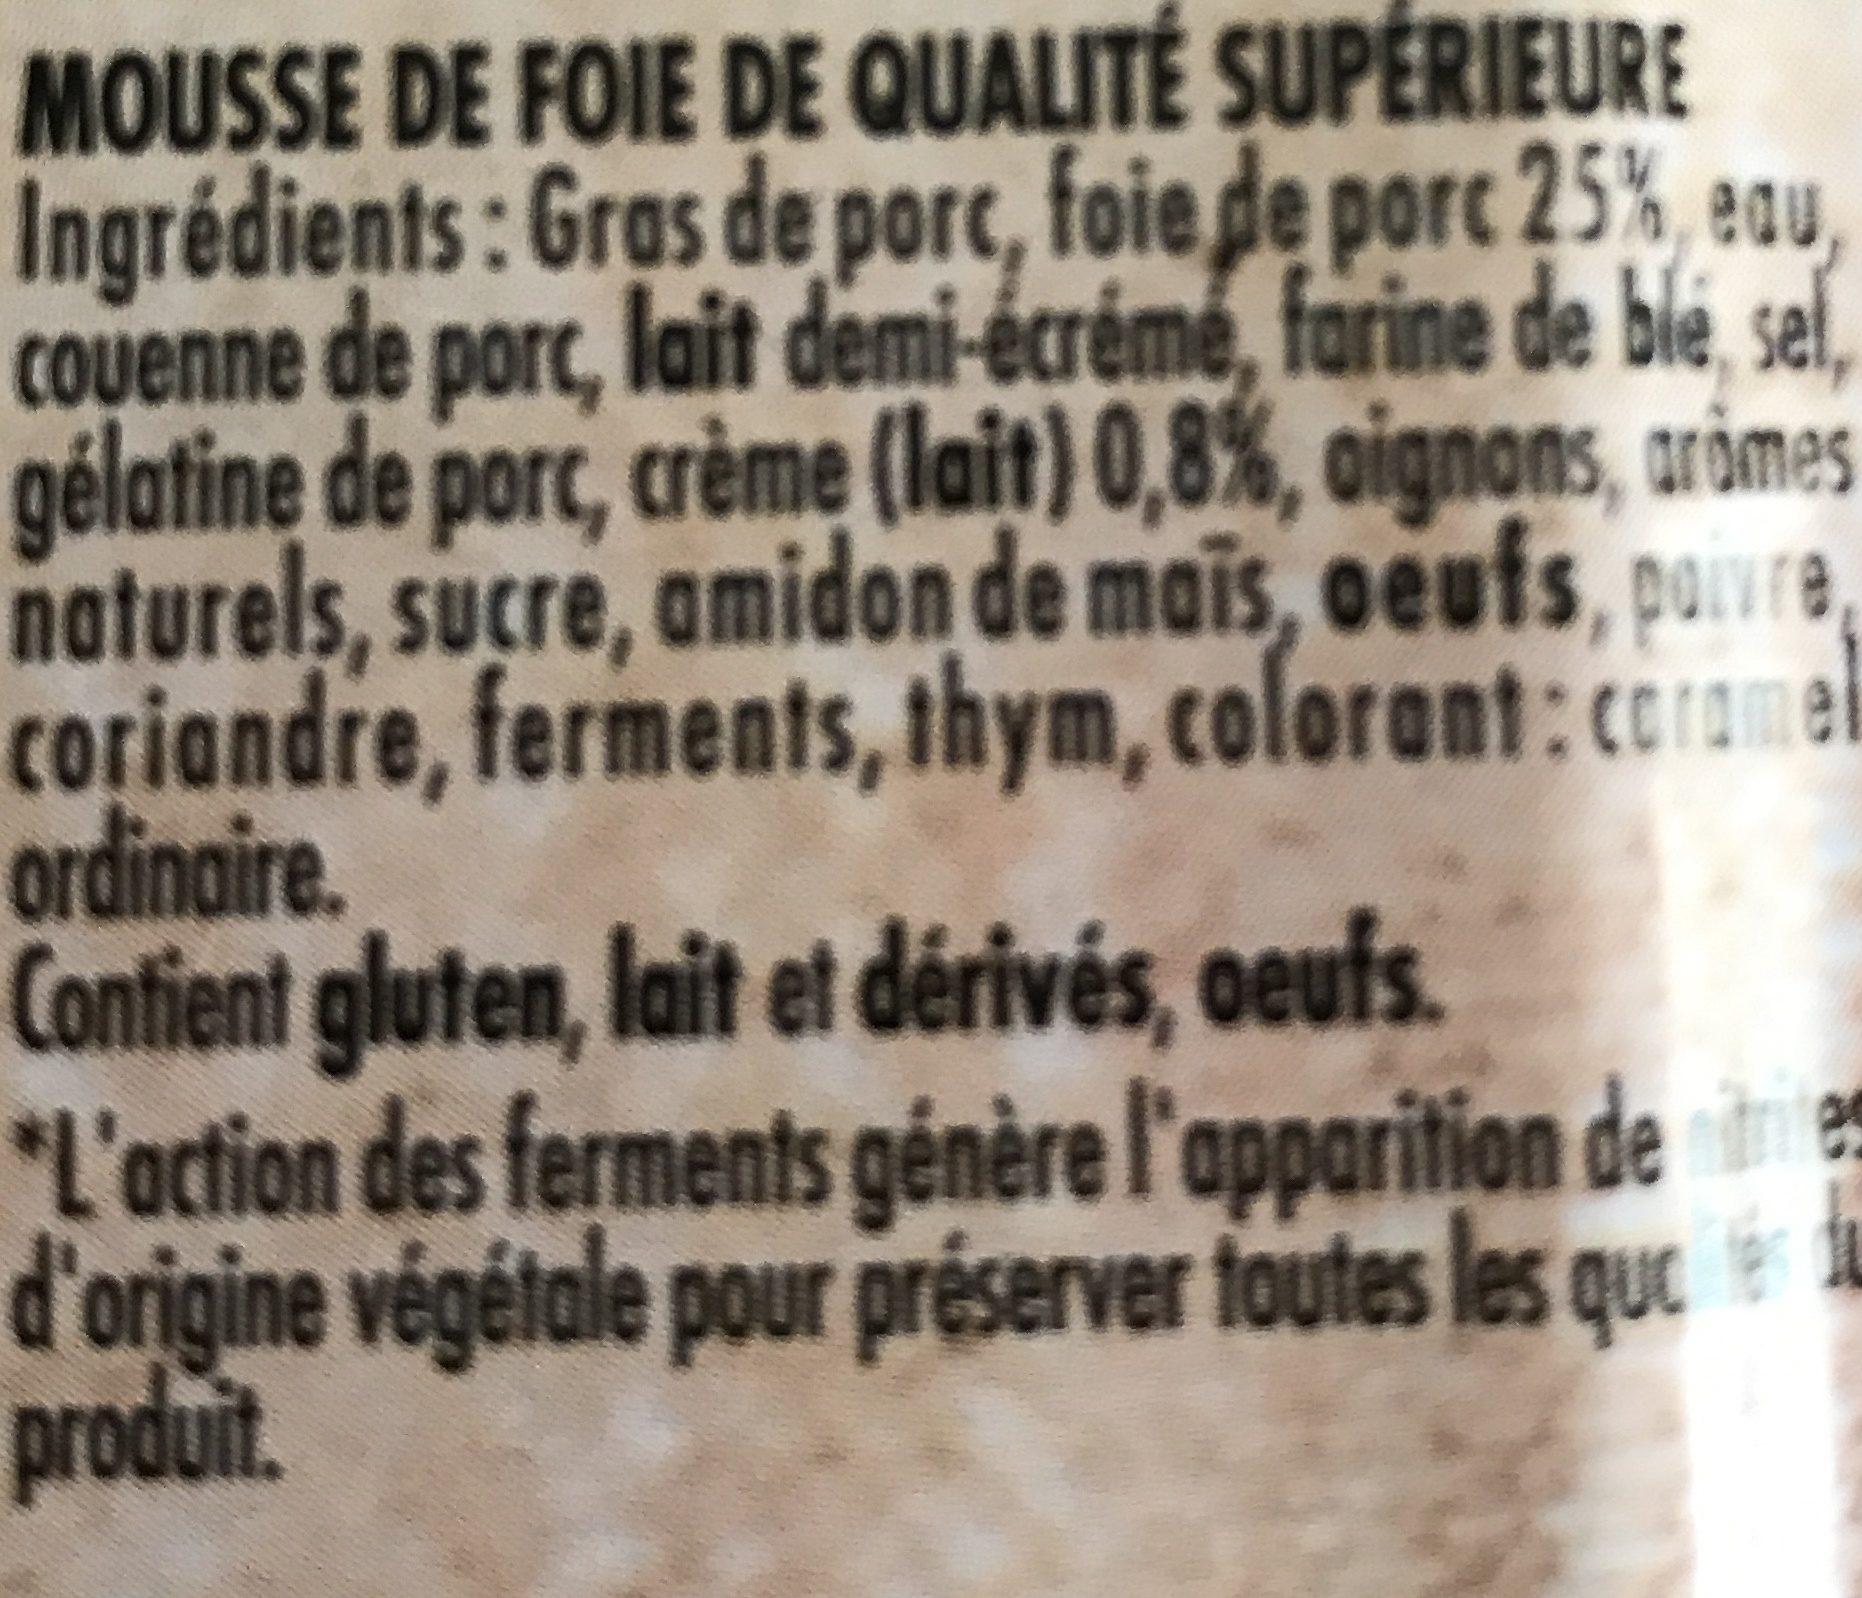 Terrine de Campagne et Mousse de Foie - Ingredients - fr